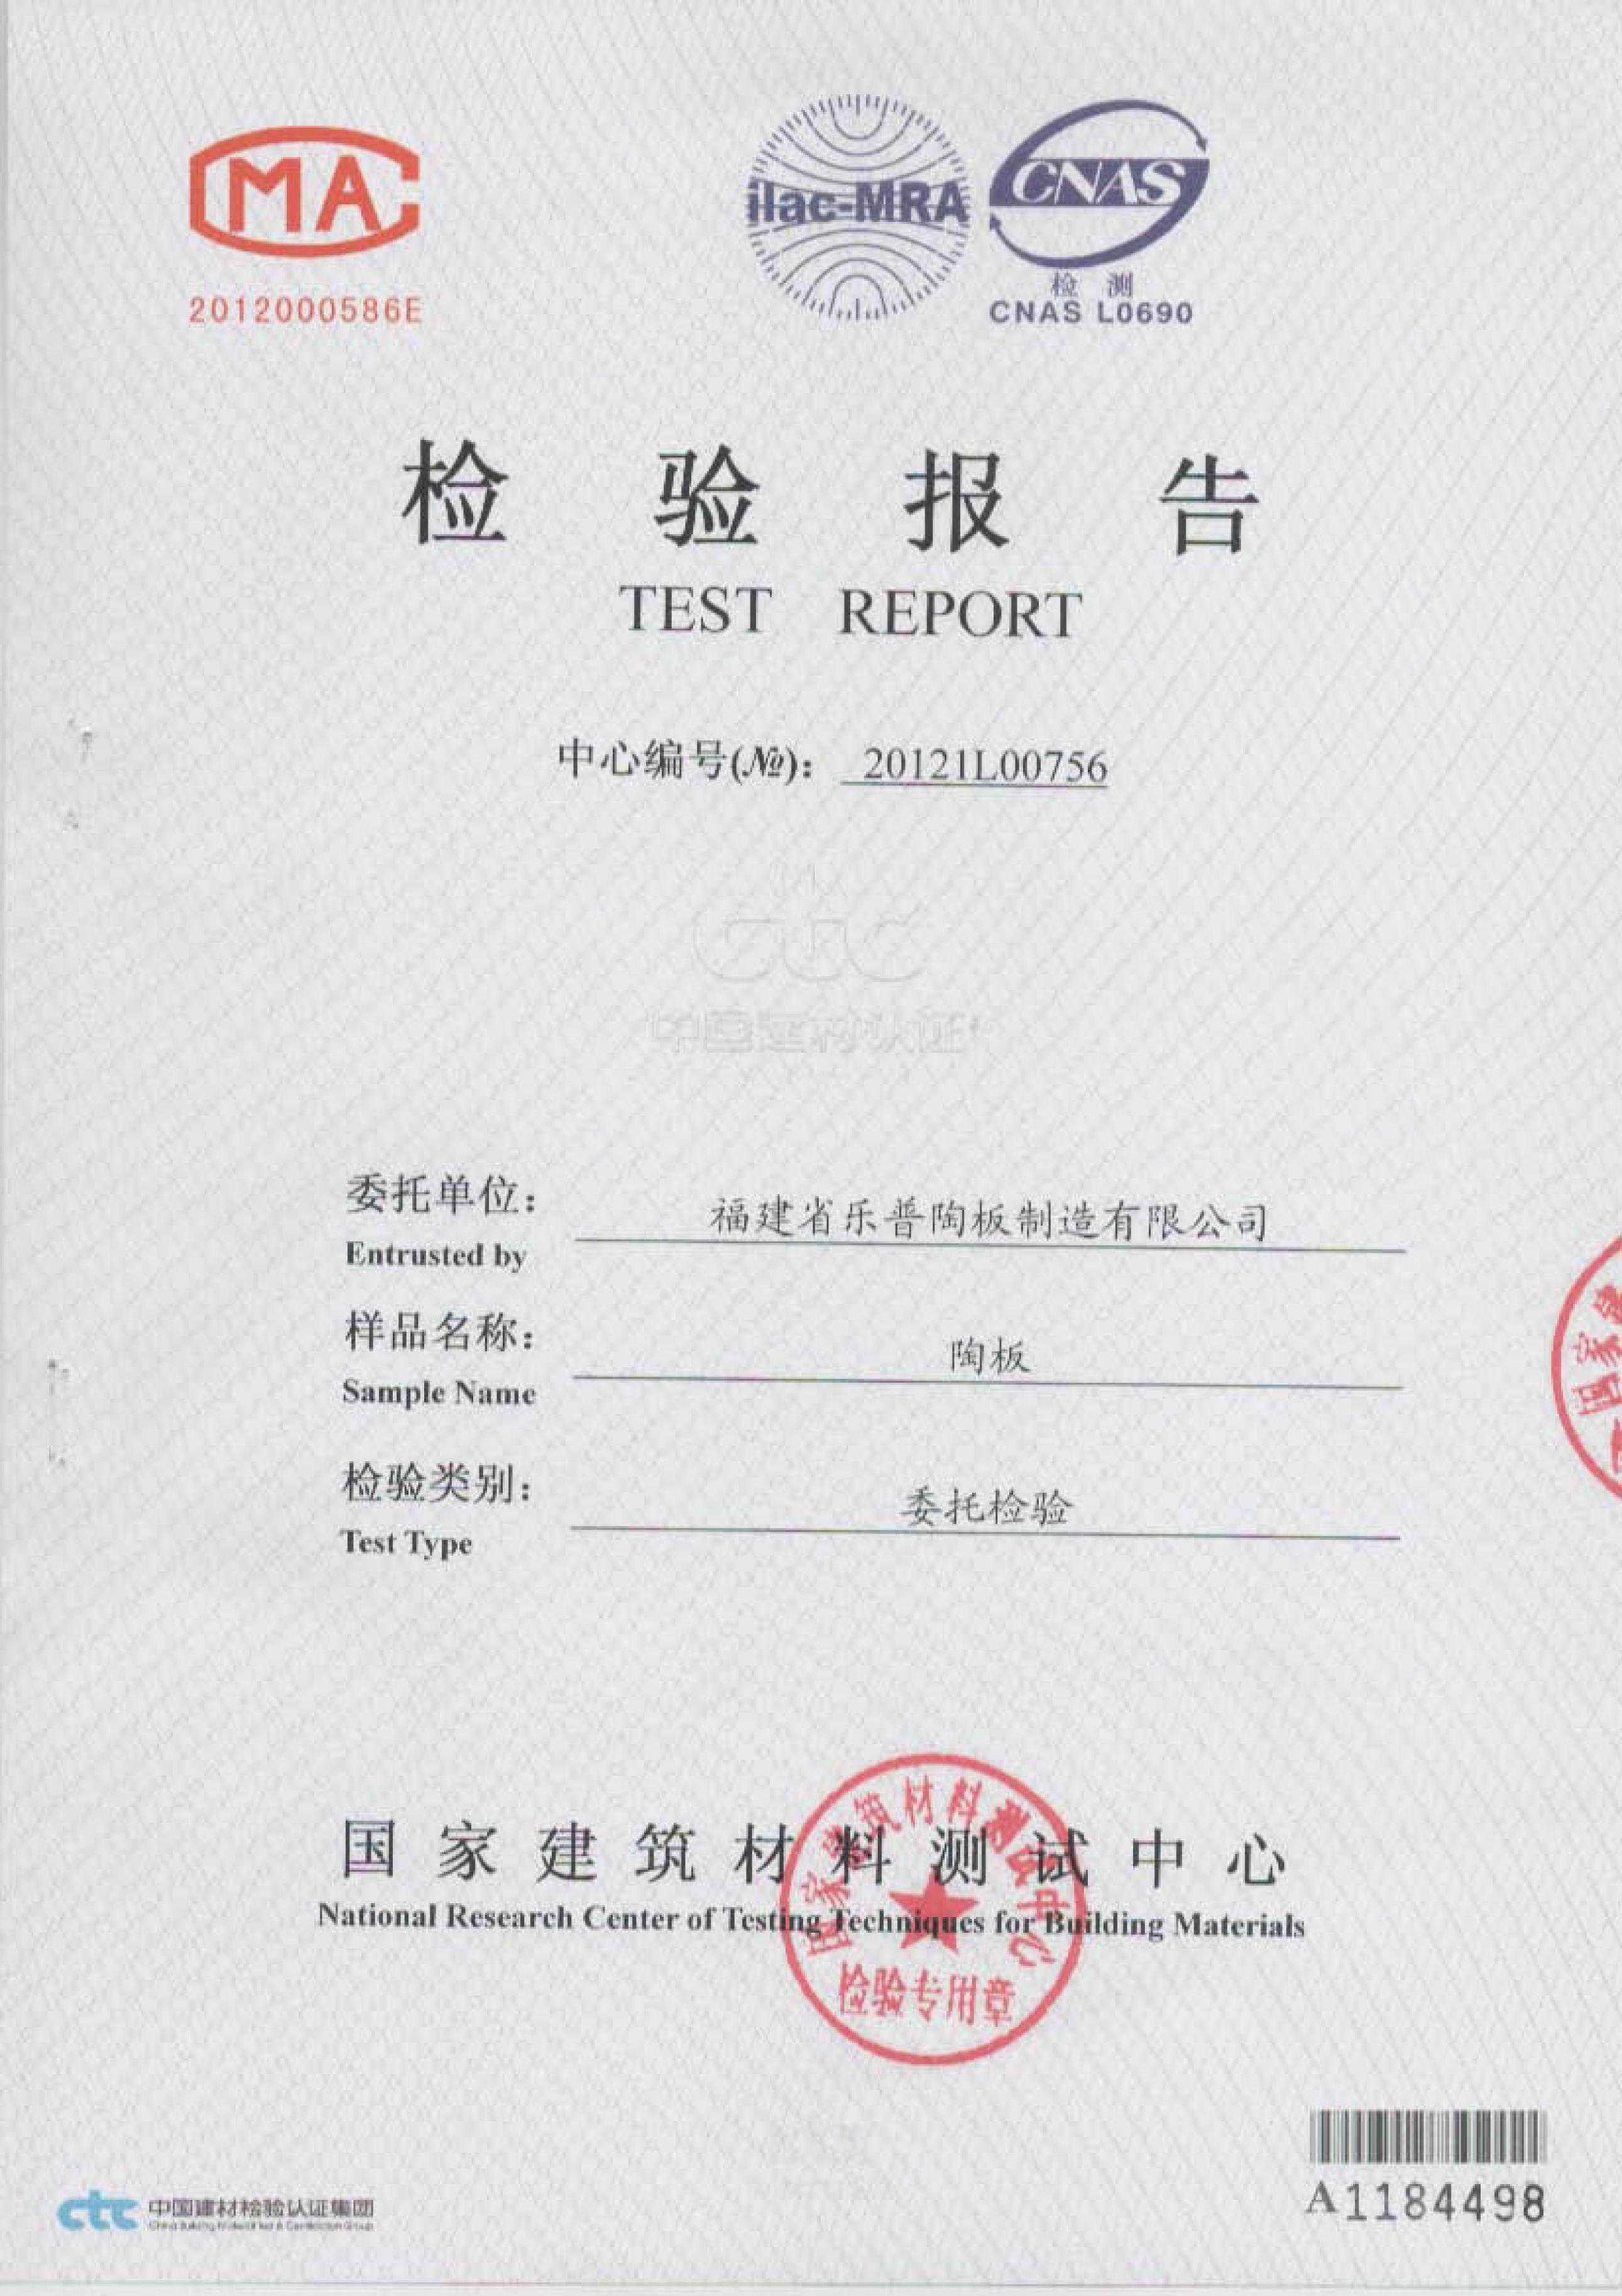 テラコッタファサードの試験報告書(500x900x18mm)-1